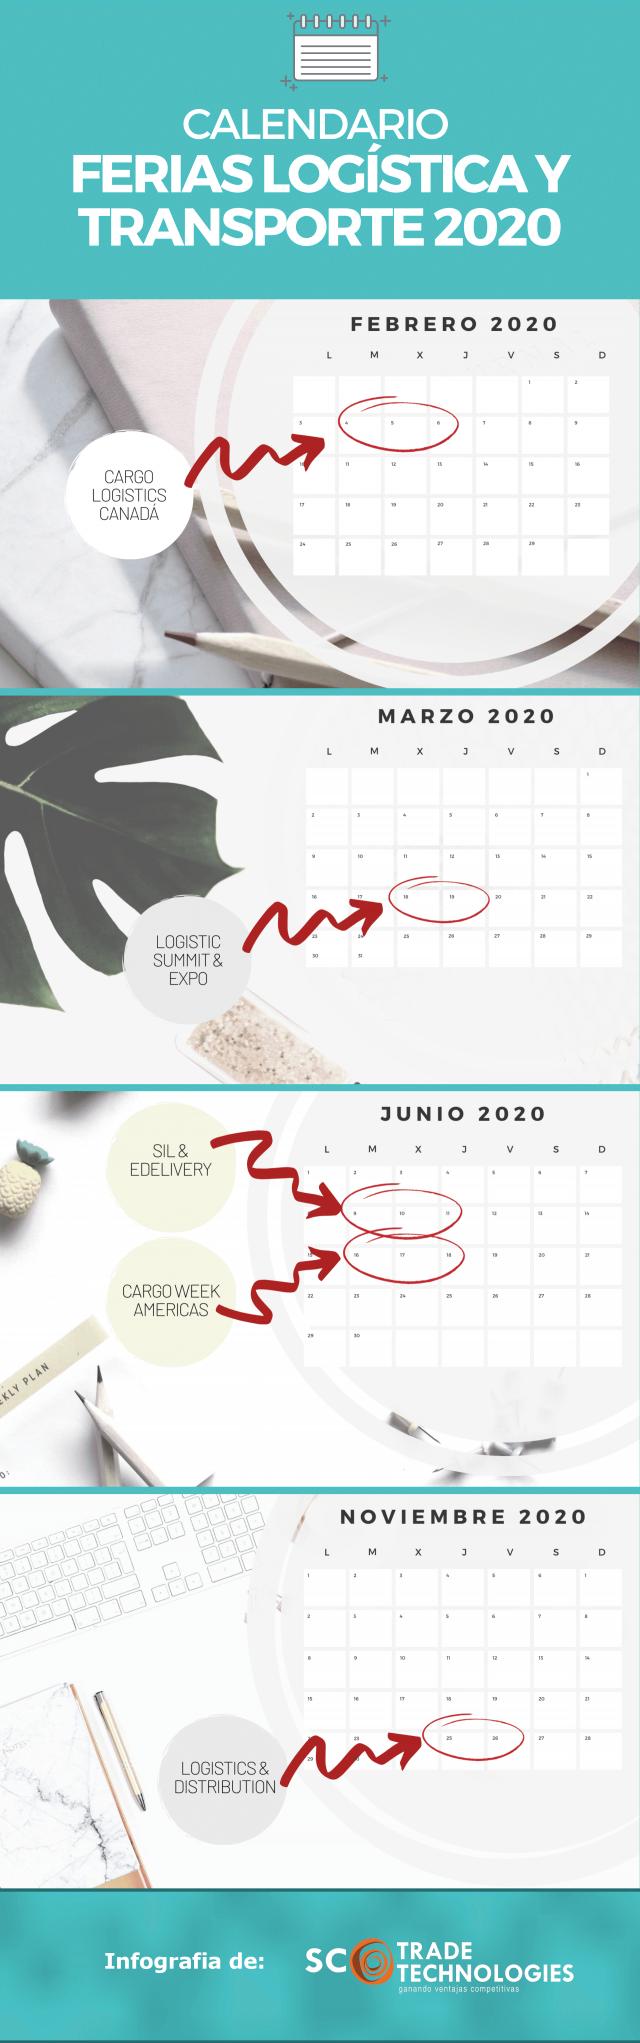 Ferias de Logística y Transporte en 2020 - Infografía